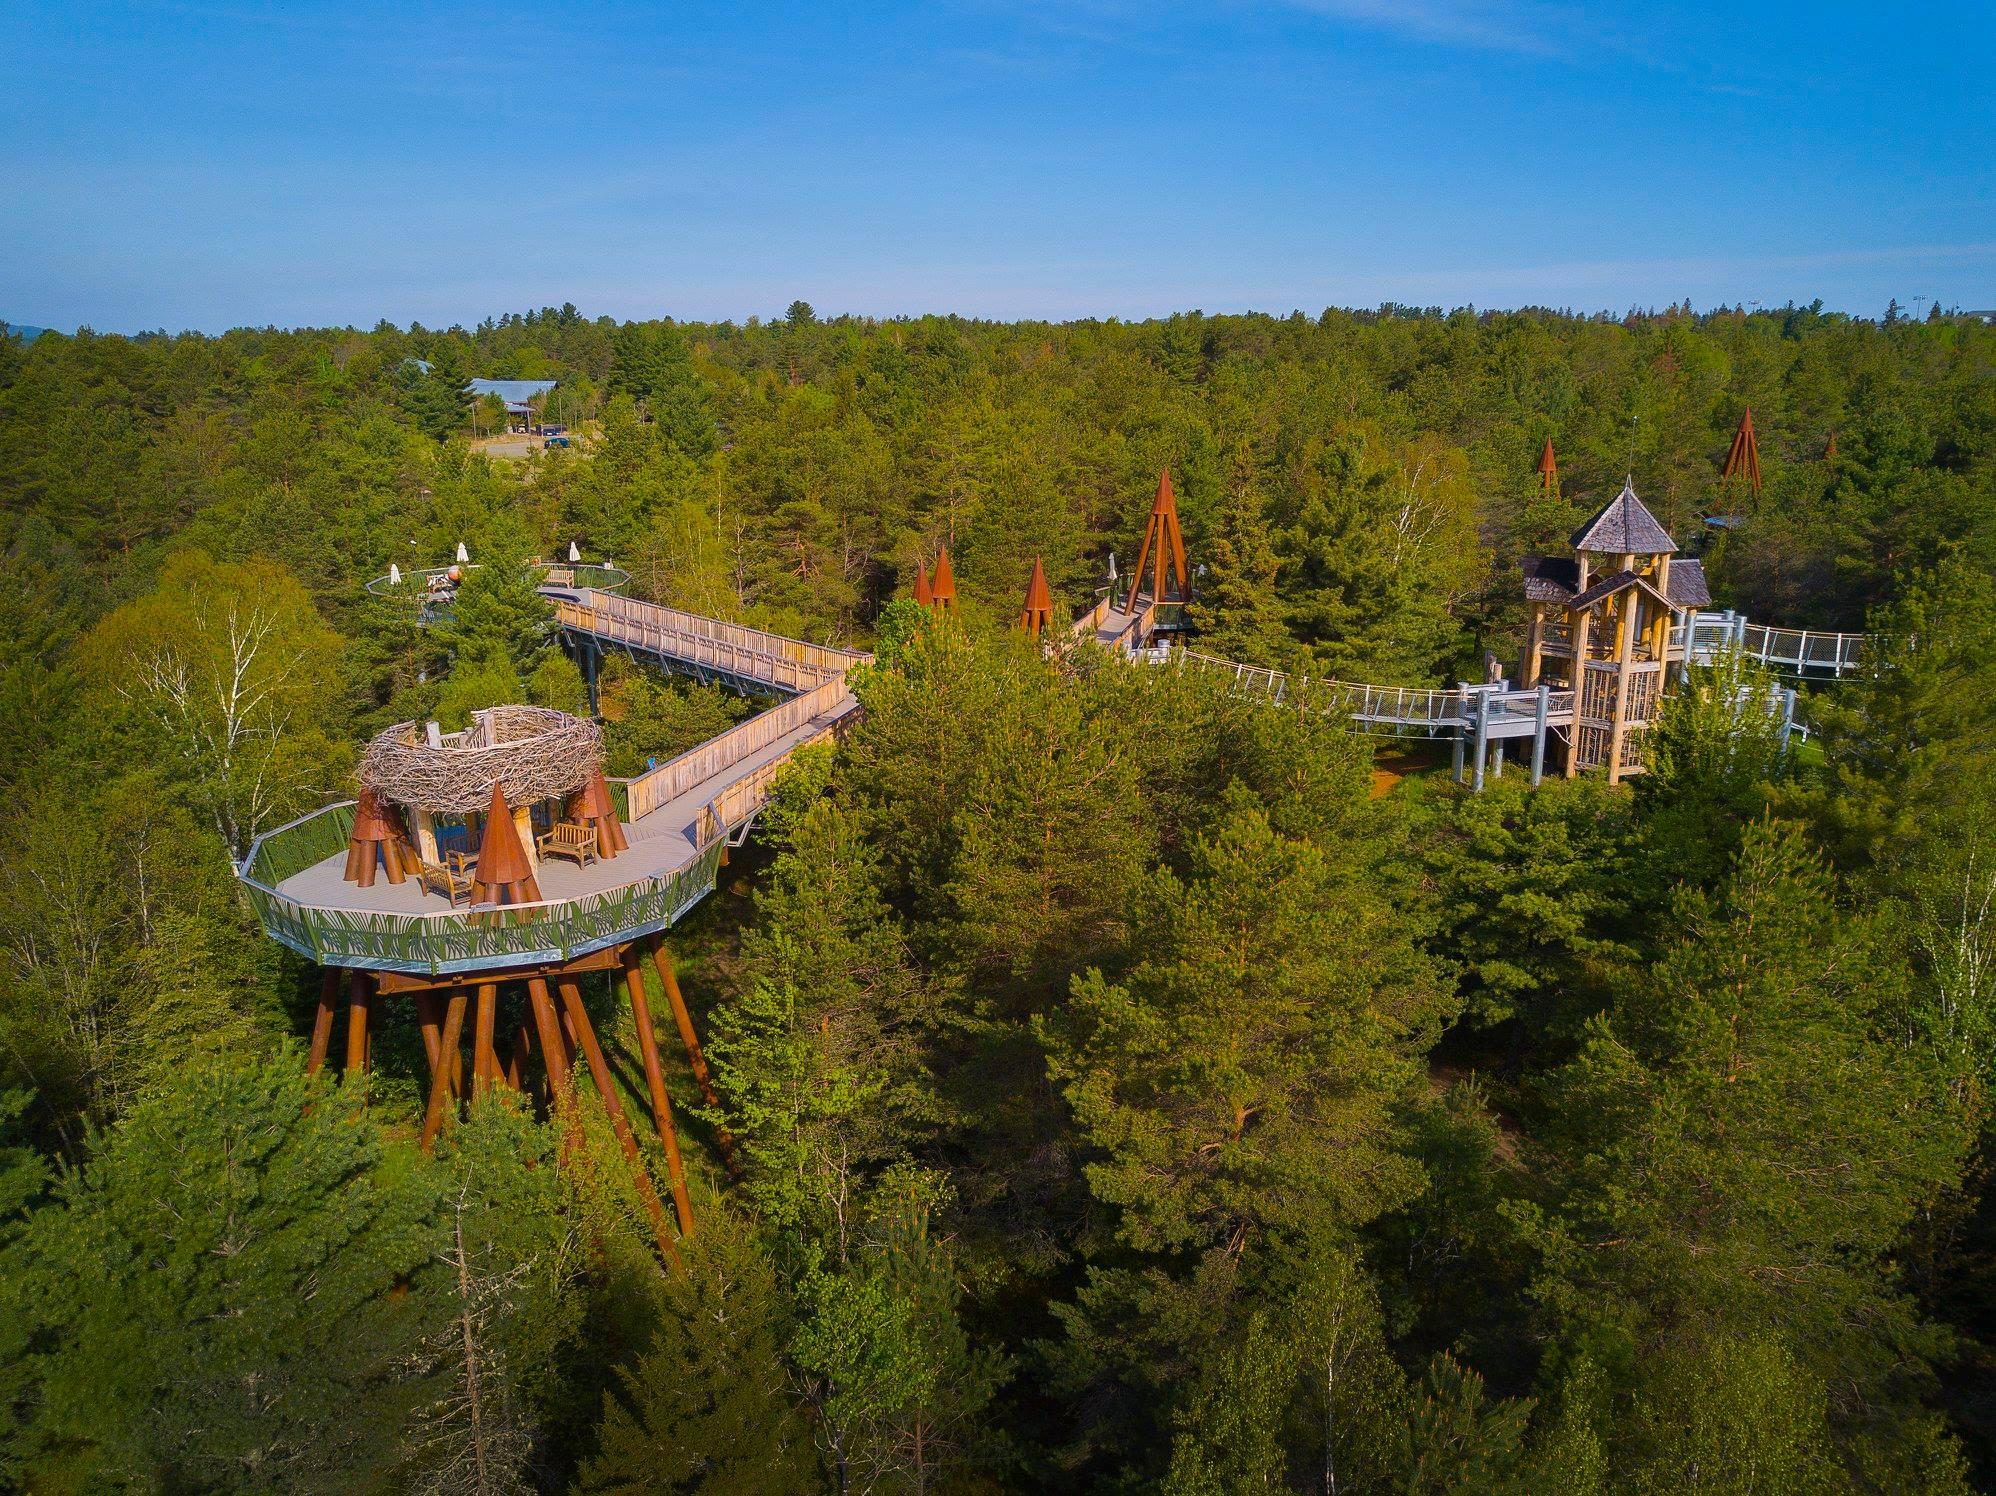 Wild Walk Aerial View